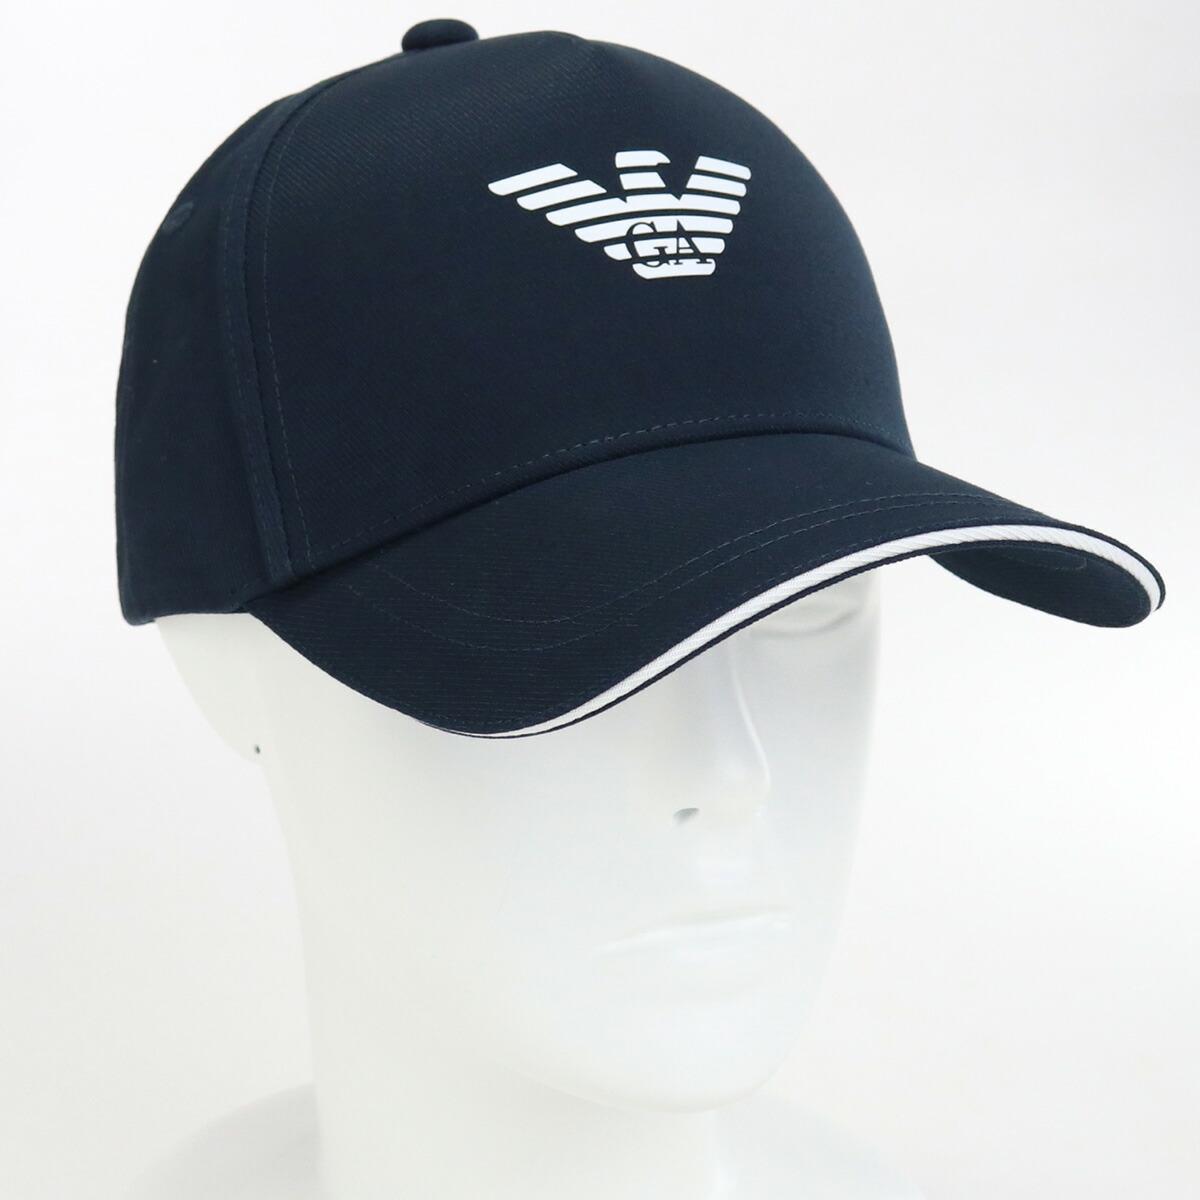 エンポリオ・アルマーニ EMPORIO ARMANI  メンズ-帽子 ブランドキャップ 627920 CC990 00035 BLU NAVY ネイビー系 cap-01